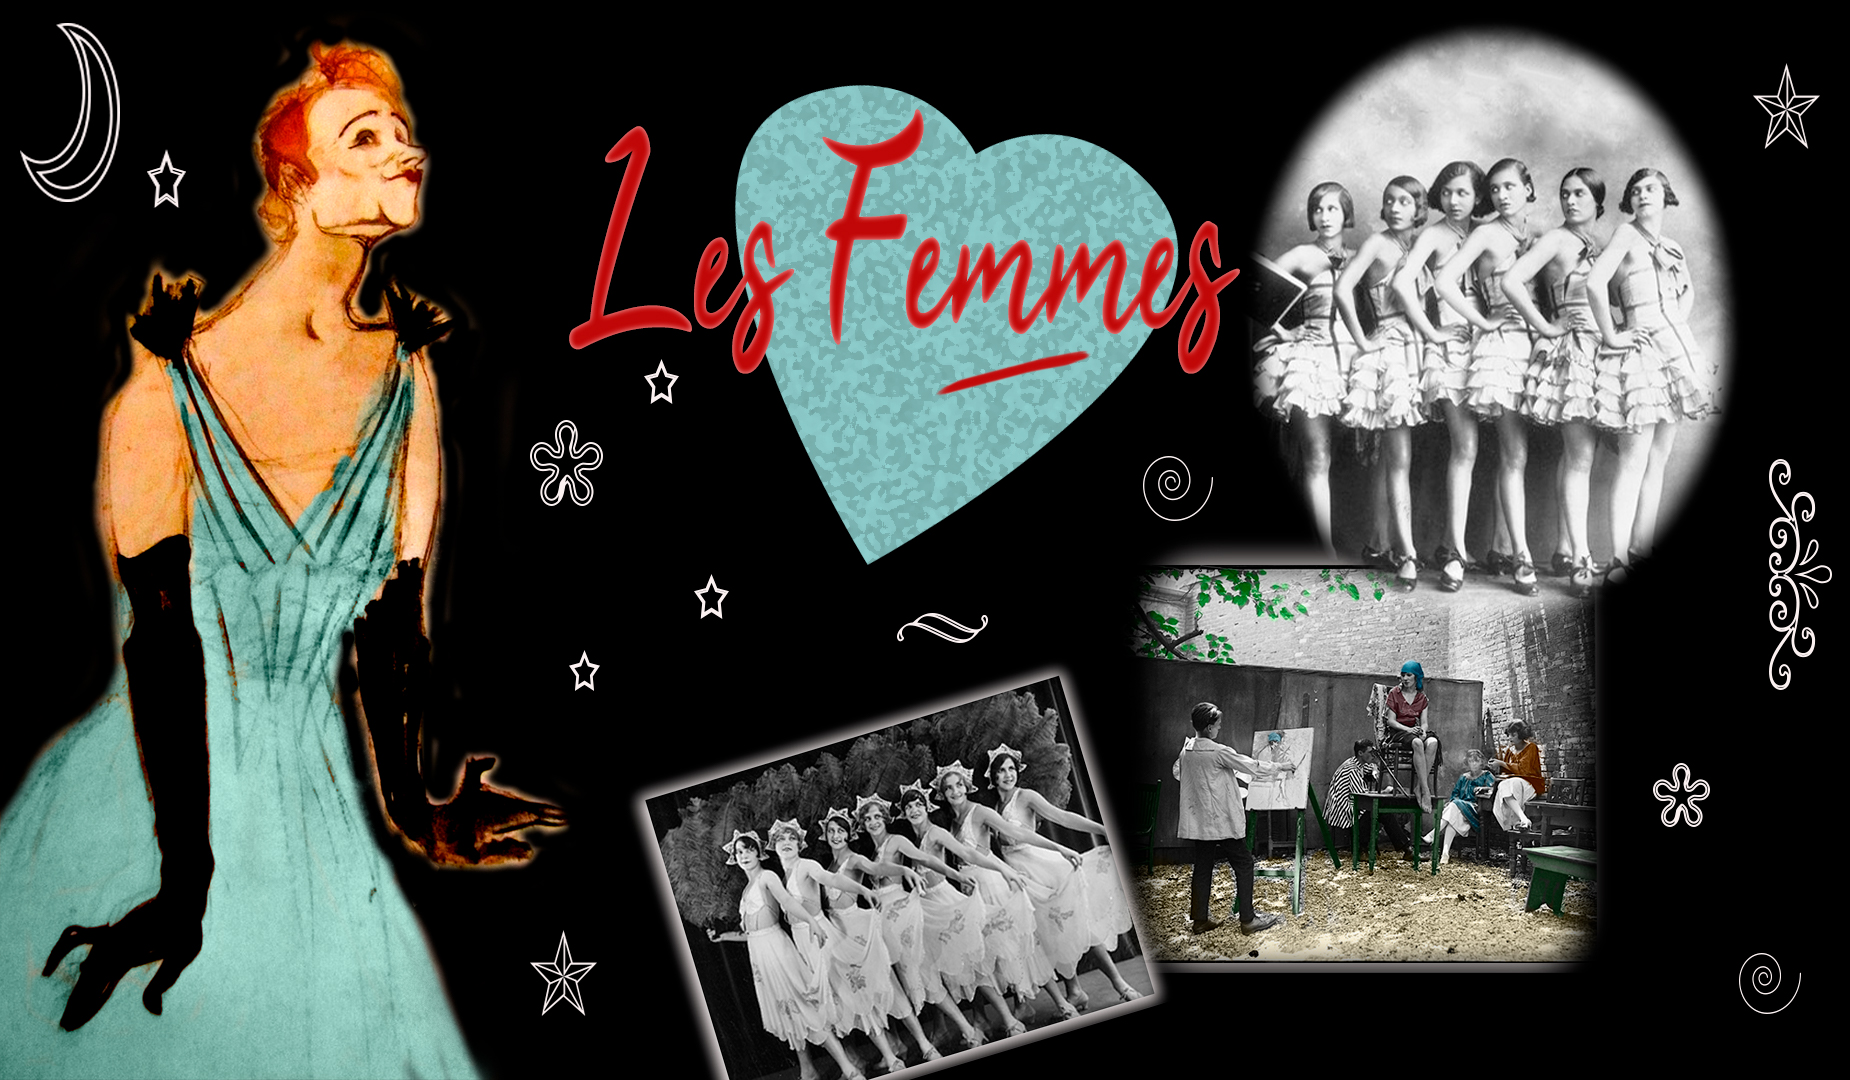 Collage varias fotos de mujeres bailarinas en blanco y negro. La Bohemia y las mujeres, con un dibujo de Ivette Guilbert de Toulousse Lautrec y un corazón en el medio. Loco Mundo del Arte y la Bohemia